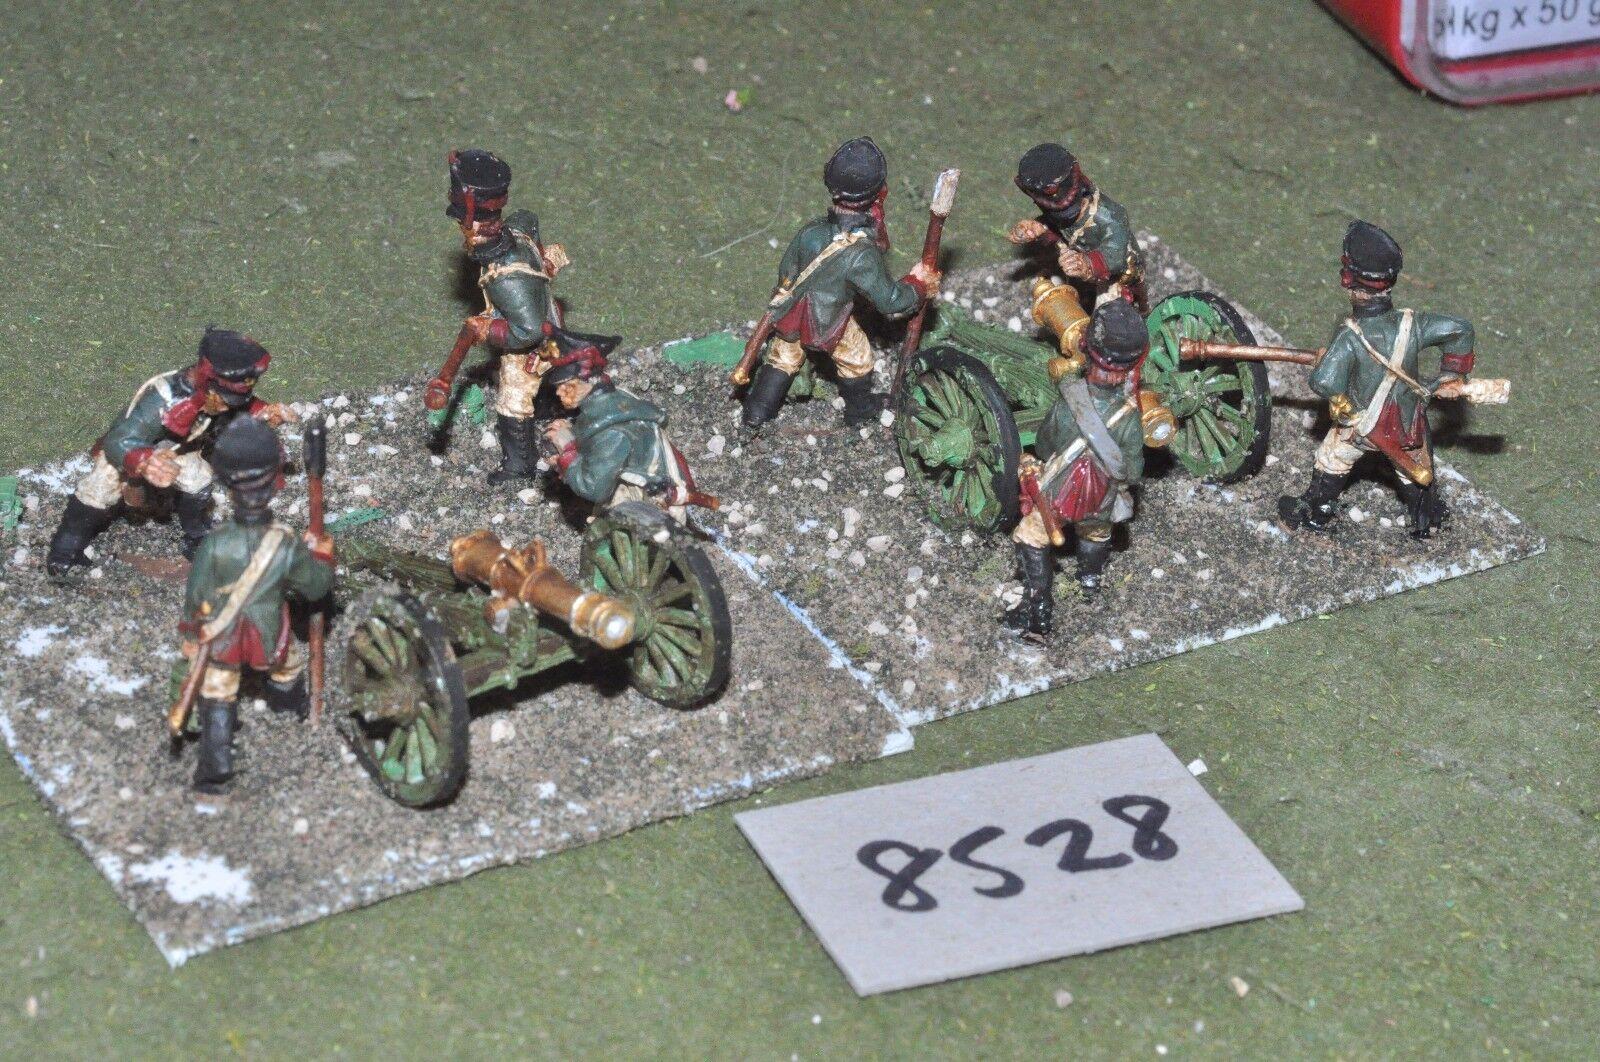 25mm russian artillery 2 guns & crews (8528) metal painted